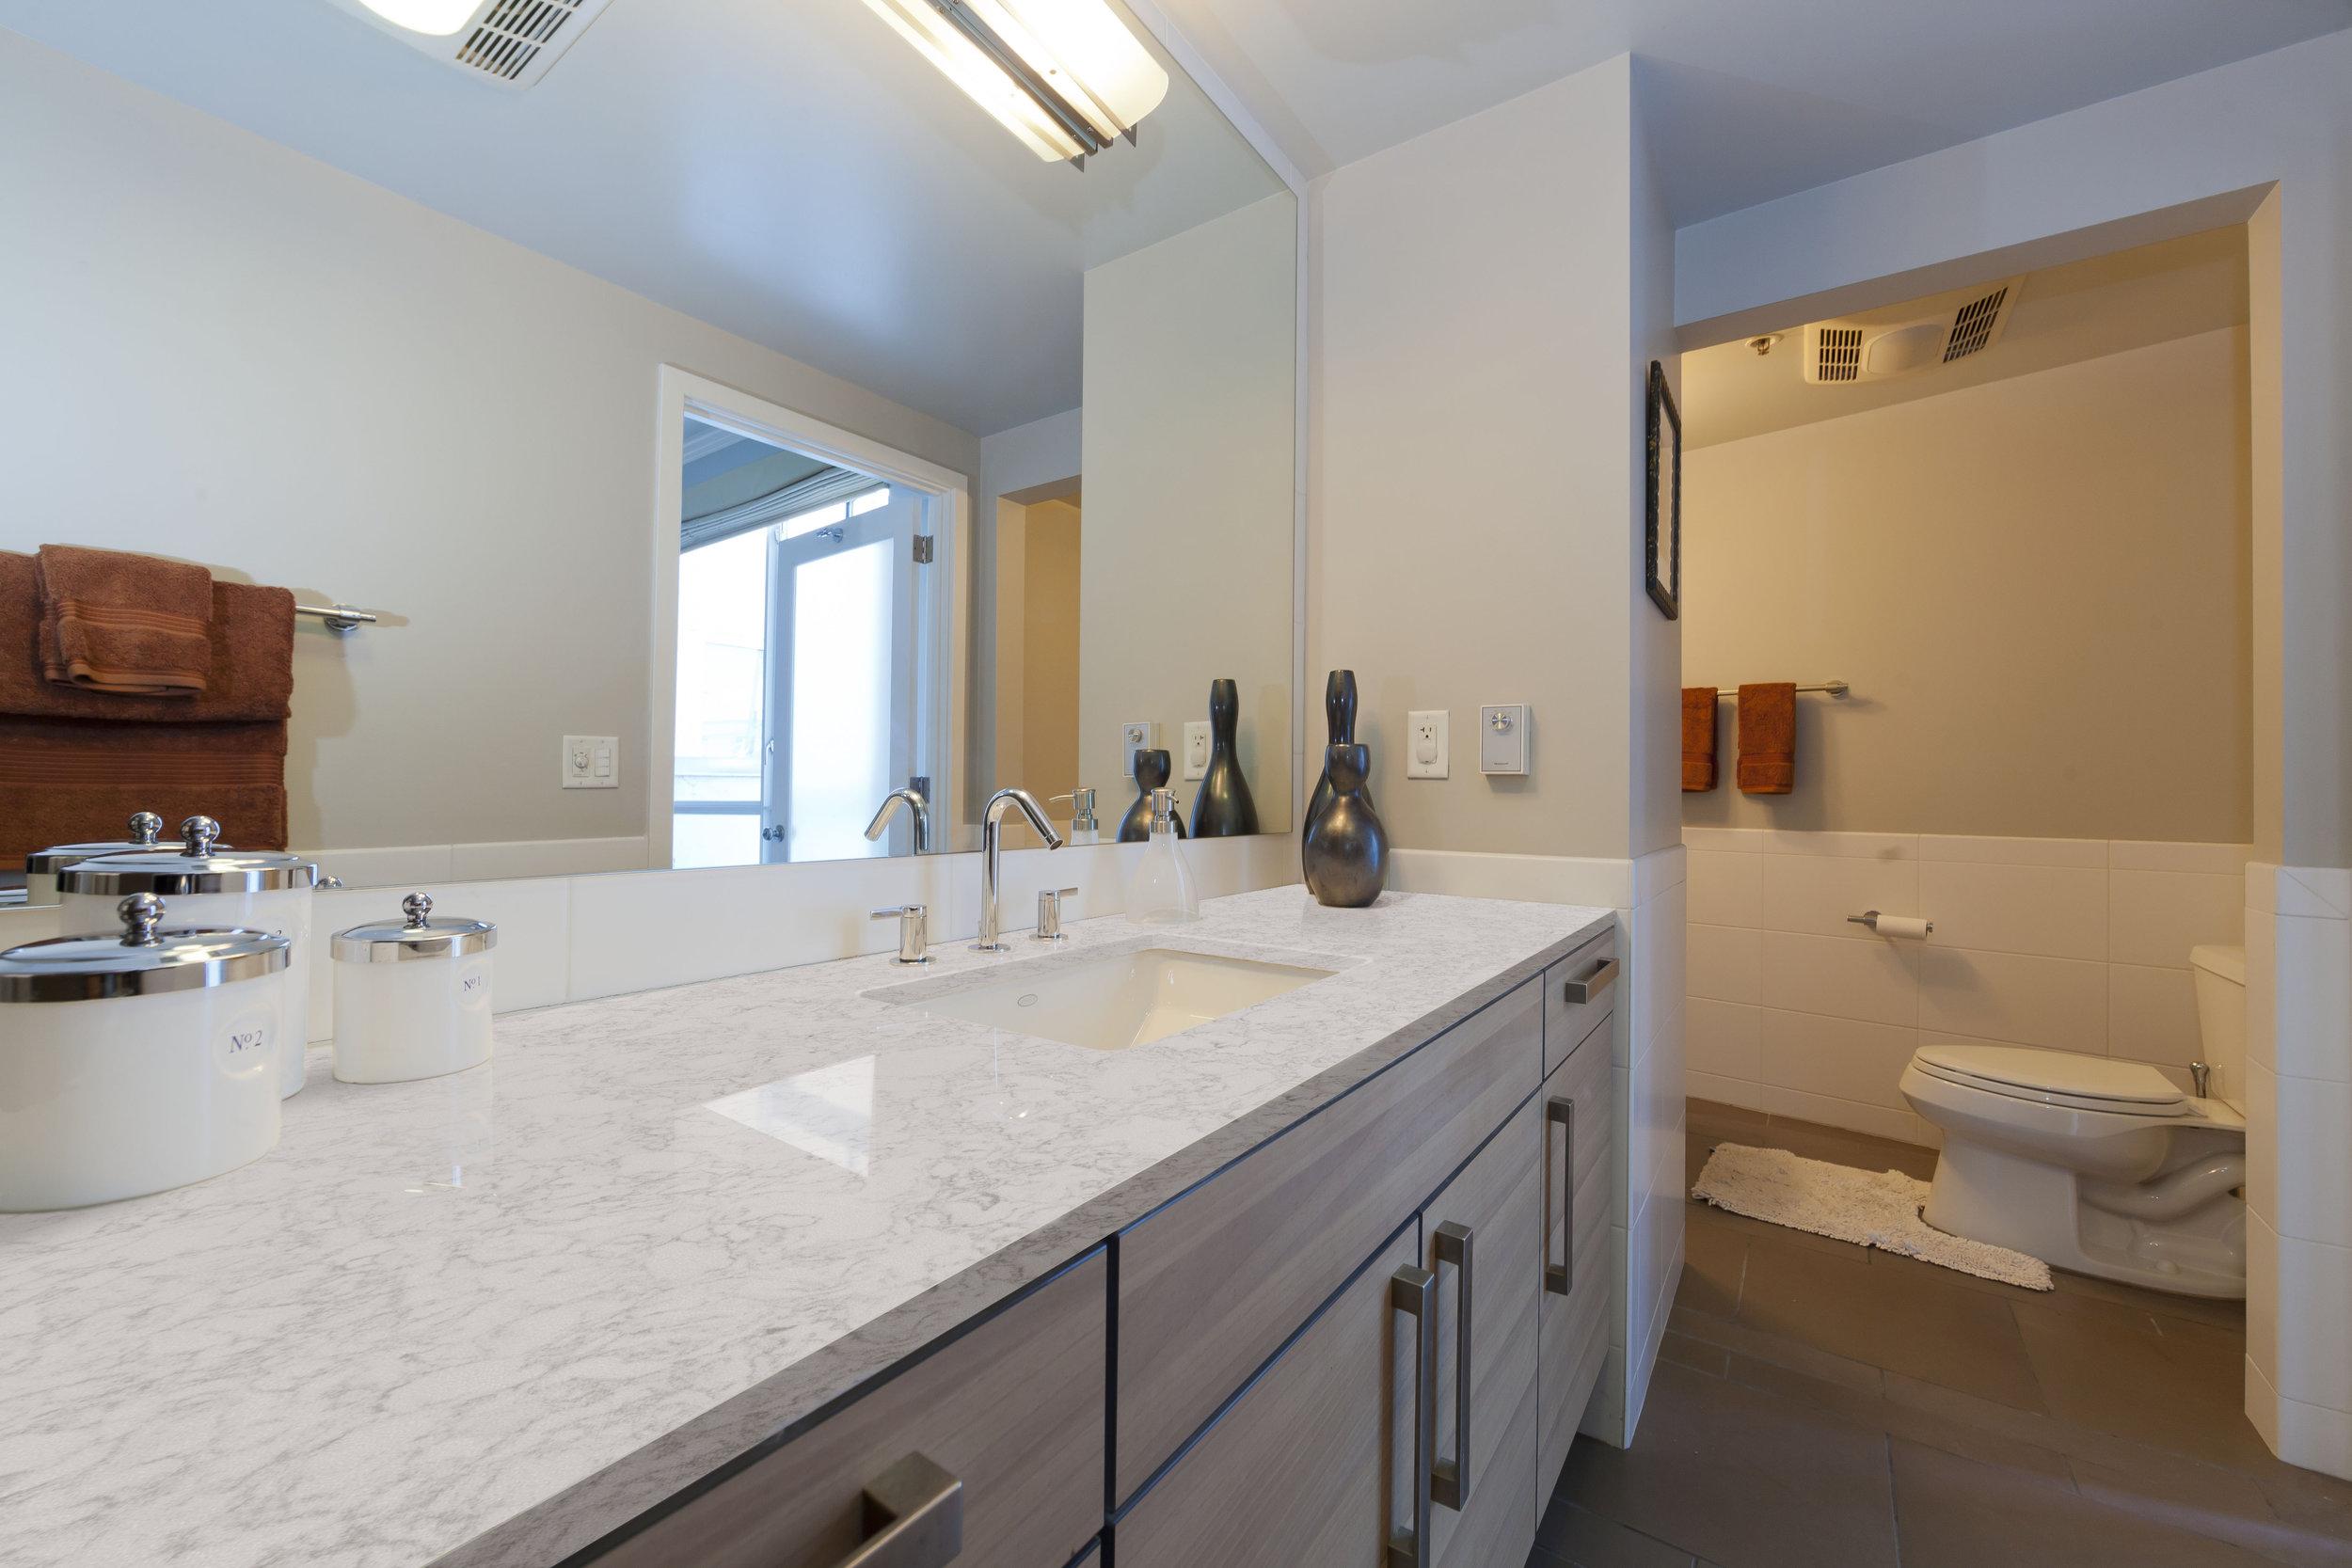 SpectrumQuartz-Cloud9-Bathroom.jpg